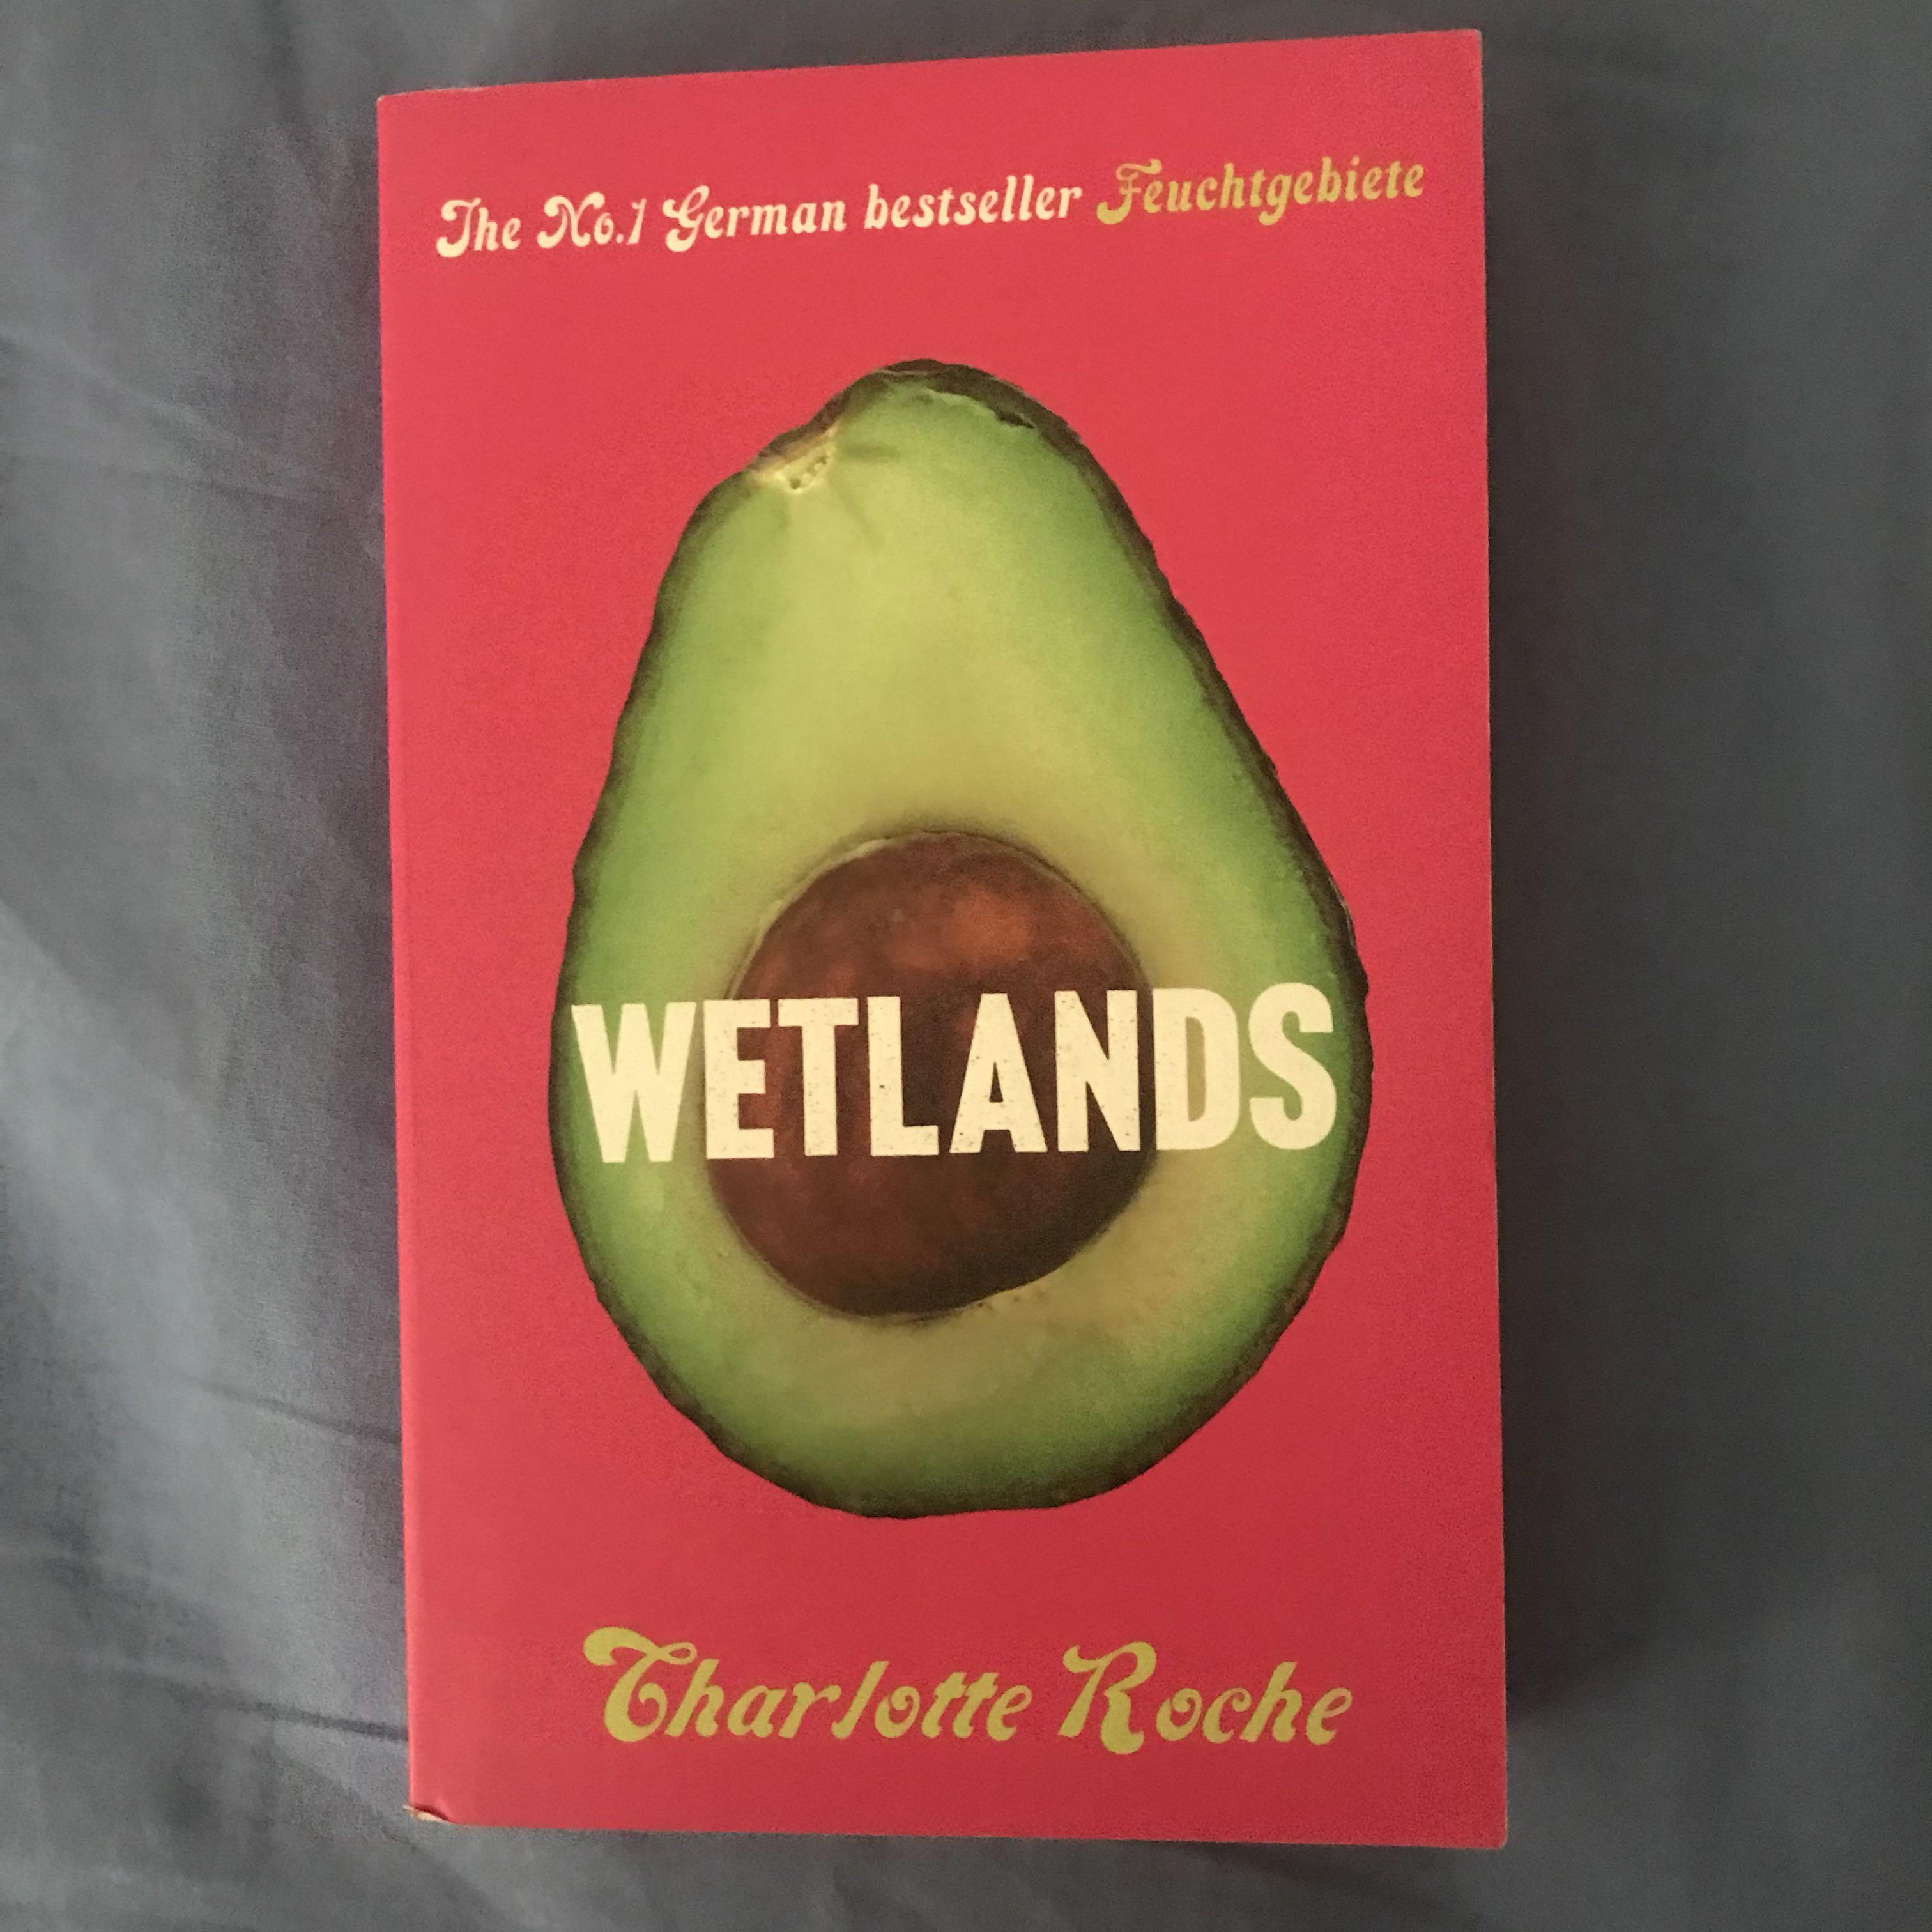 Image result for Wetlands book